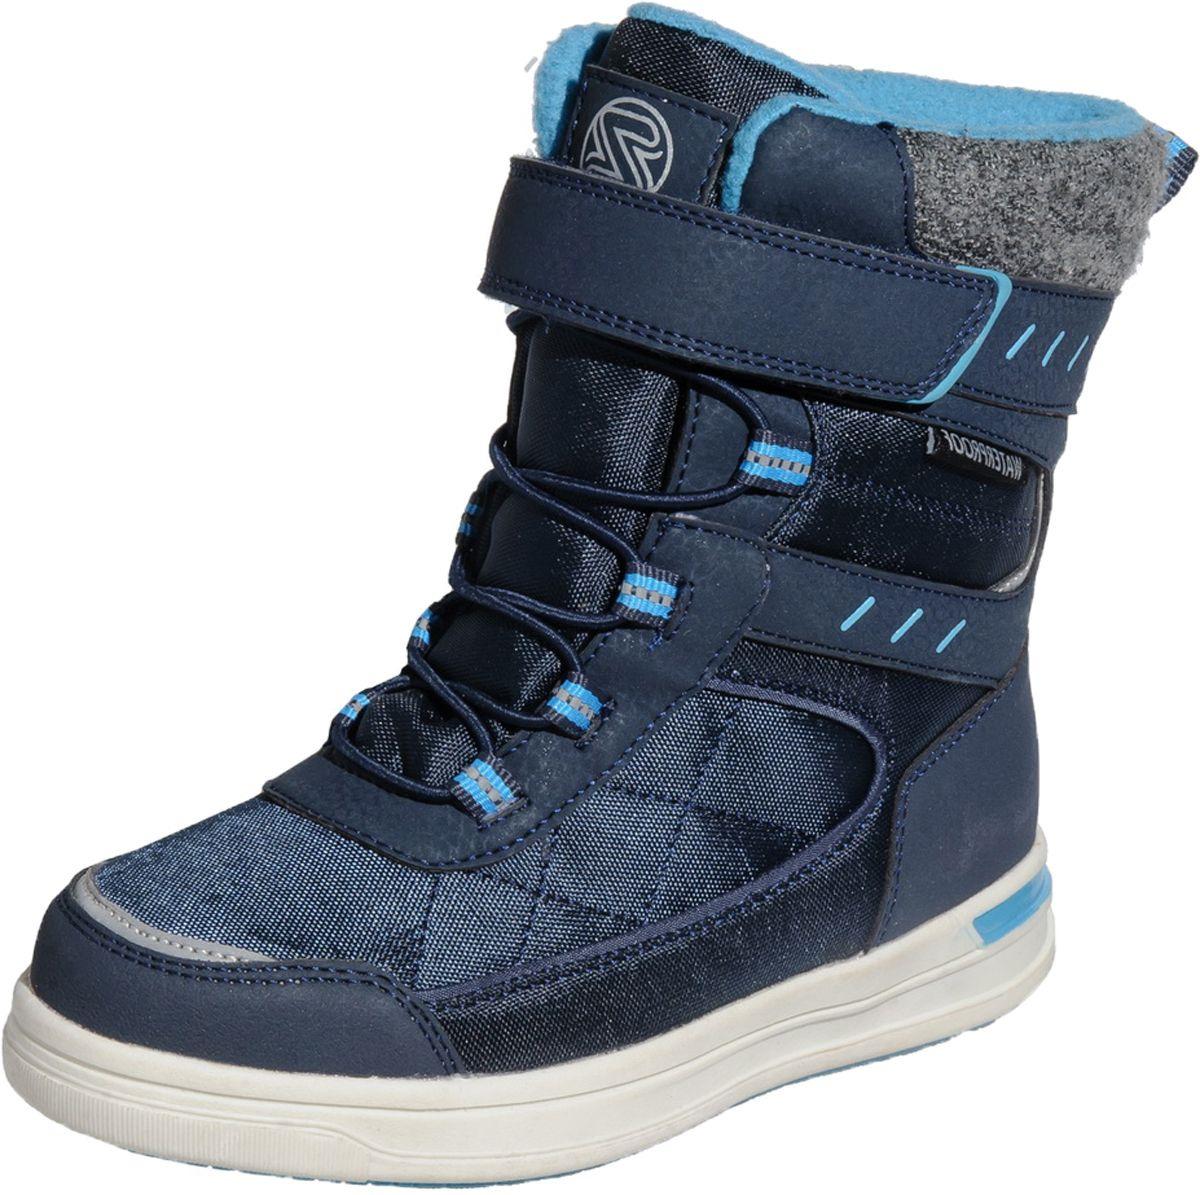 Ботинки Зебра ботинки дошкольные зебра